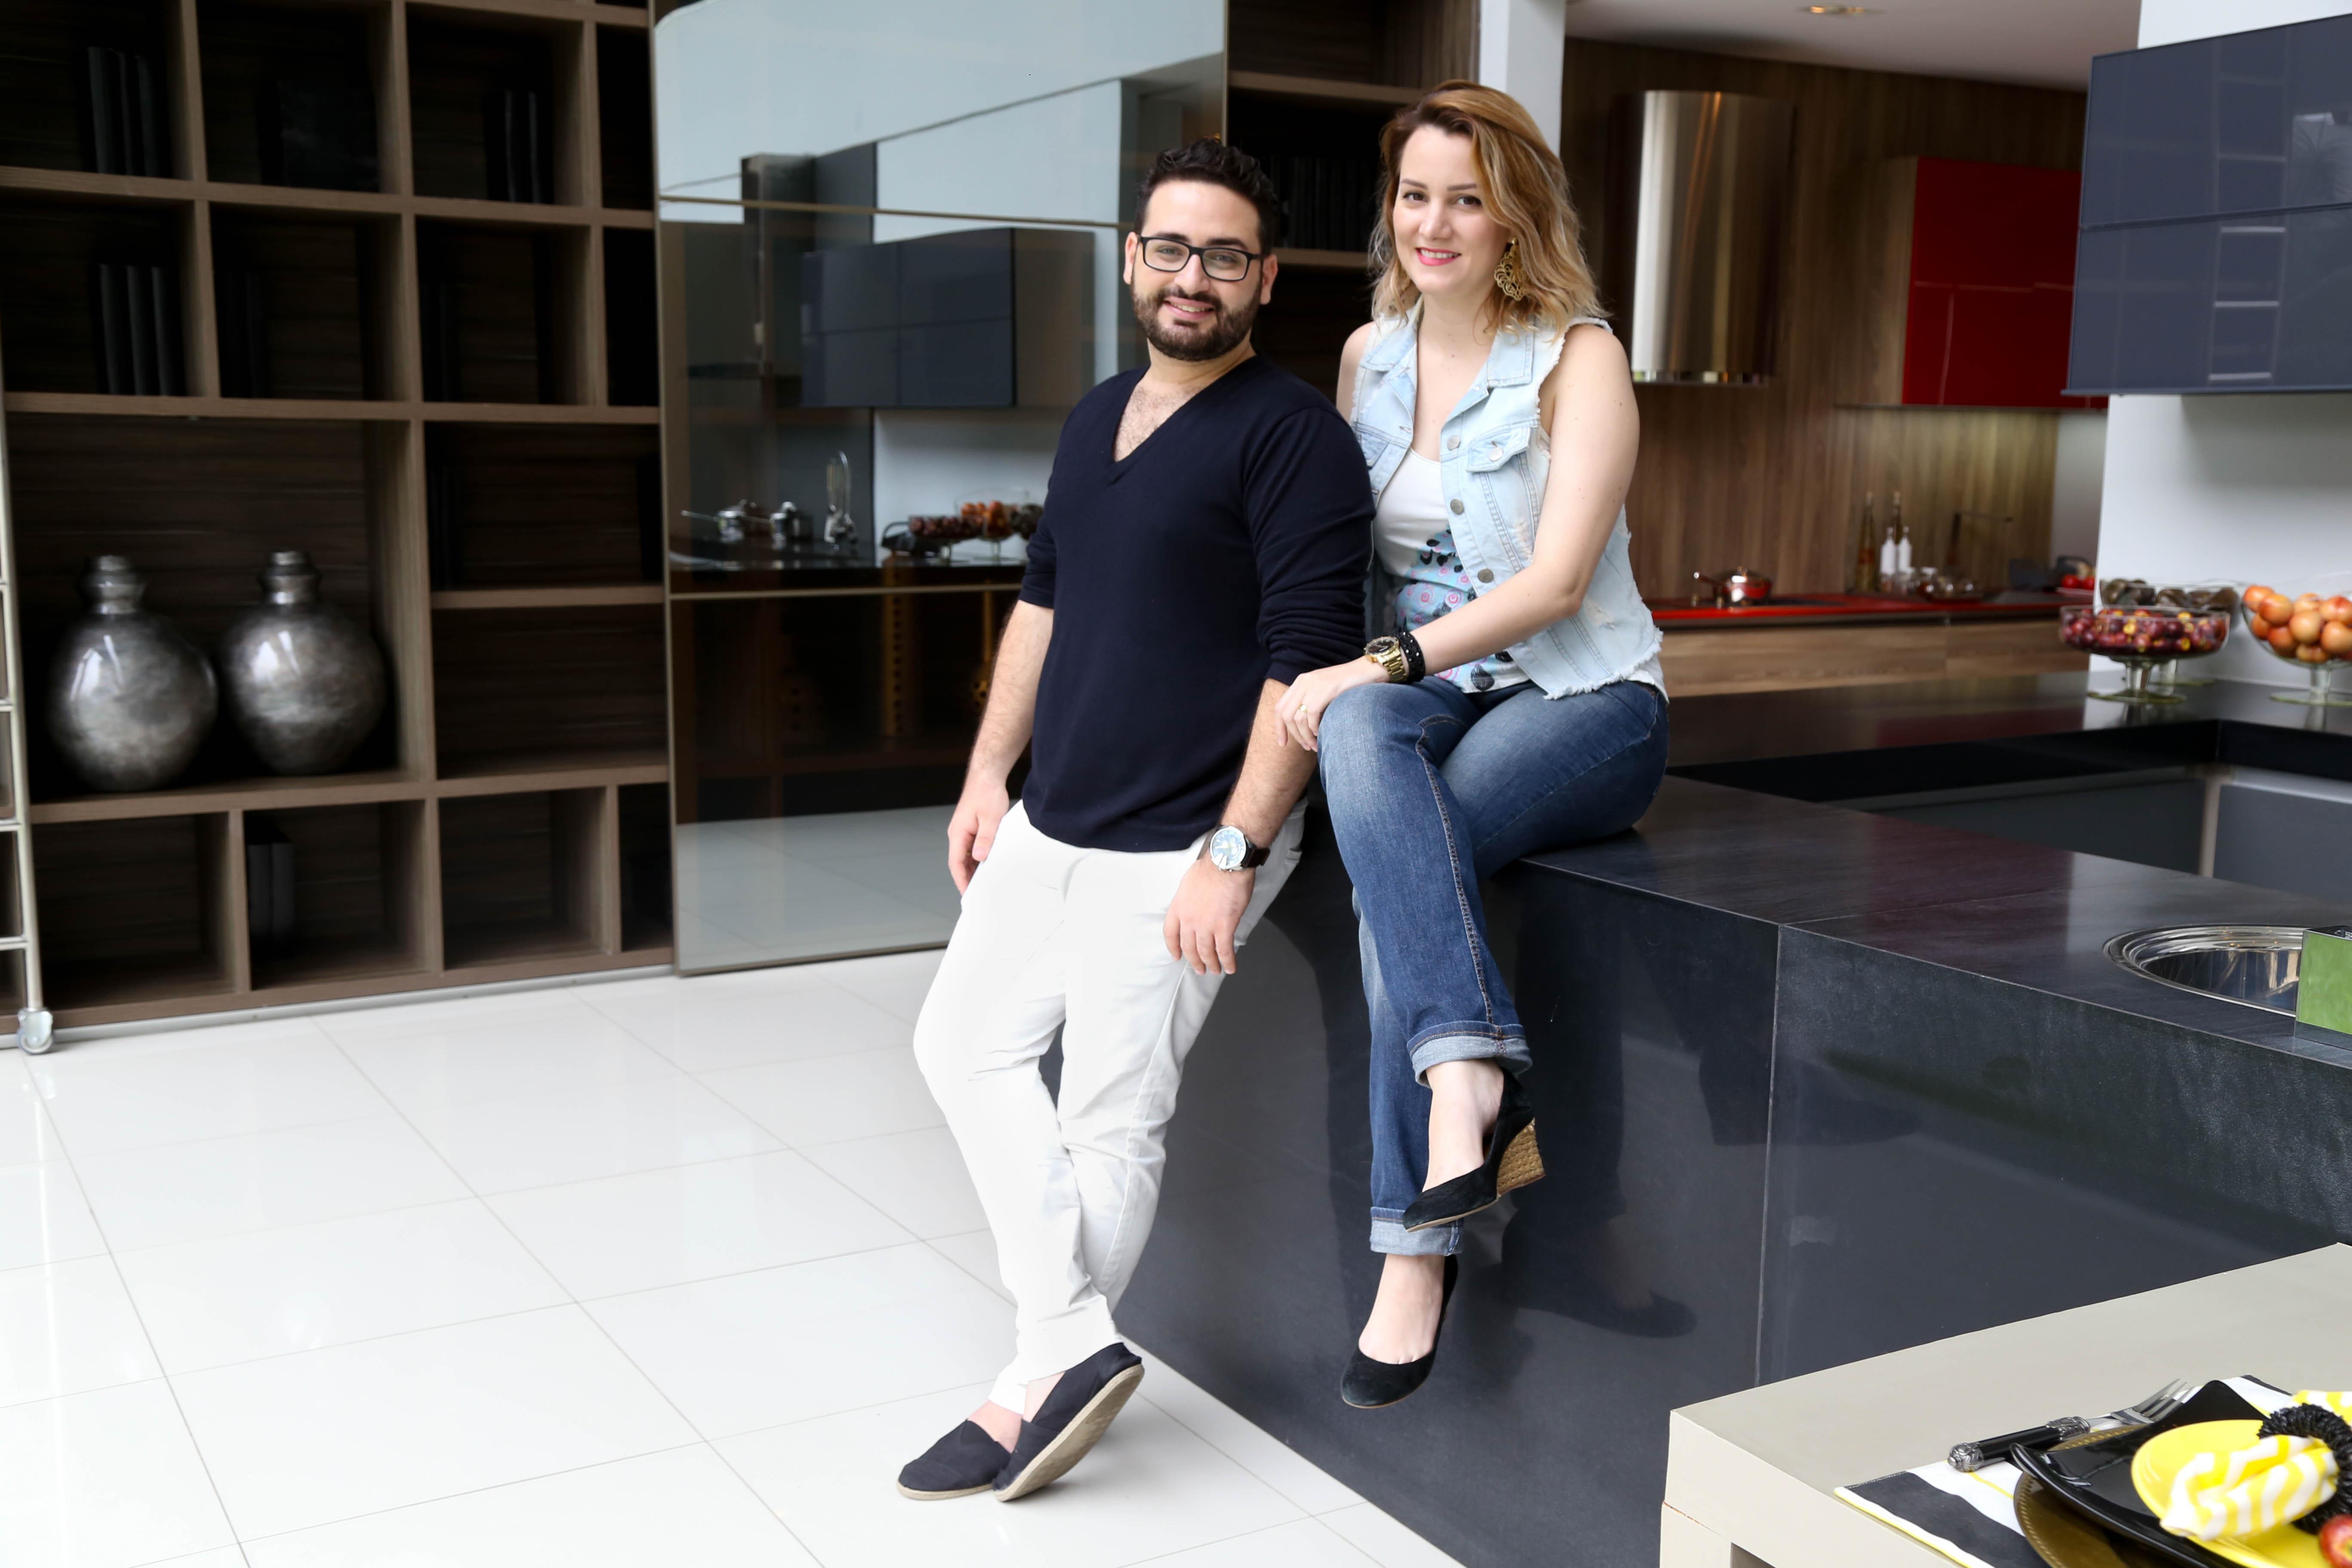 Crédito: Divulgação/ Bruna Monteiro